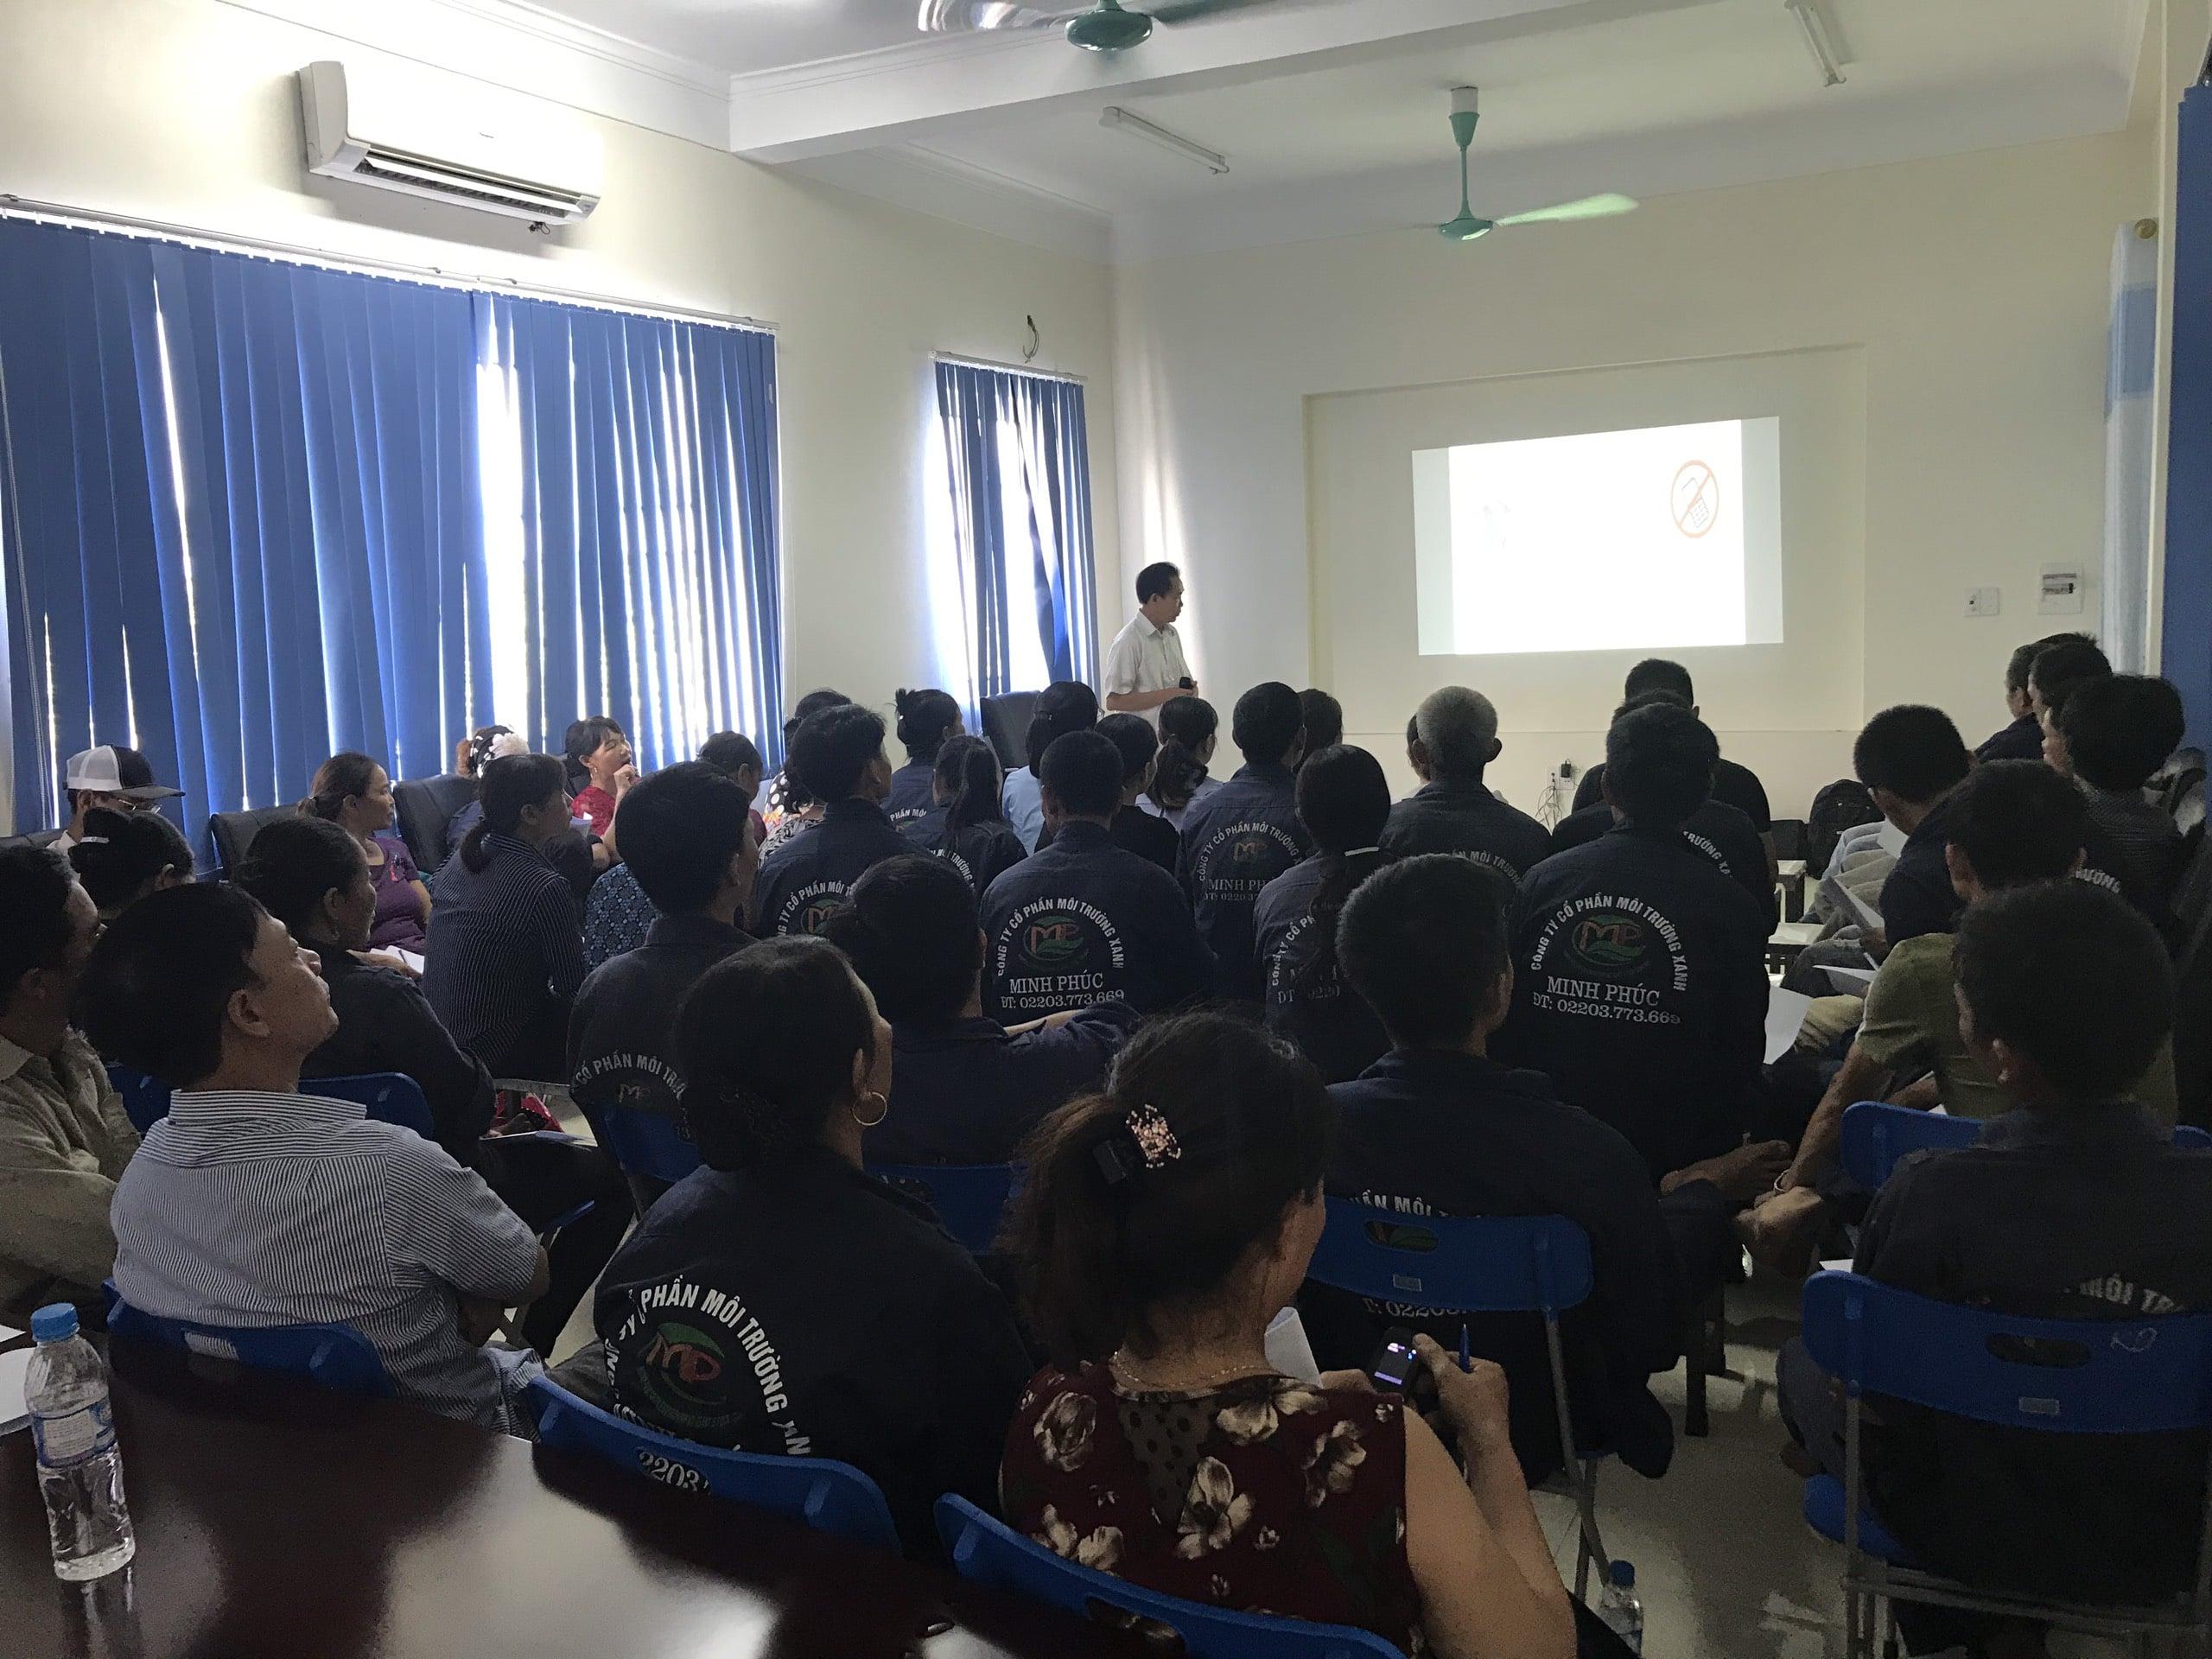 Huấn luyện an toàn, vệ sinh lao động tại Công ty cổ phần môi trường xanh Minh Phúc